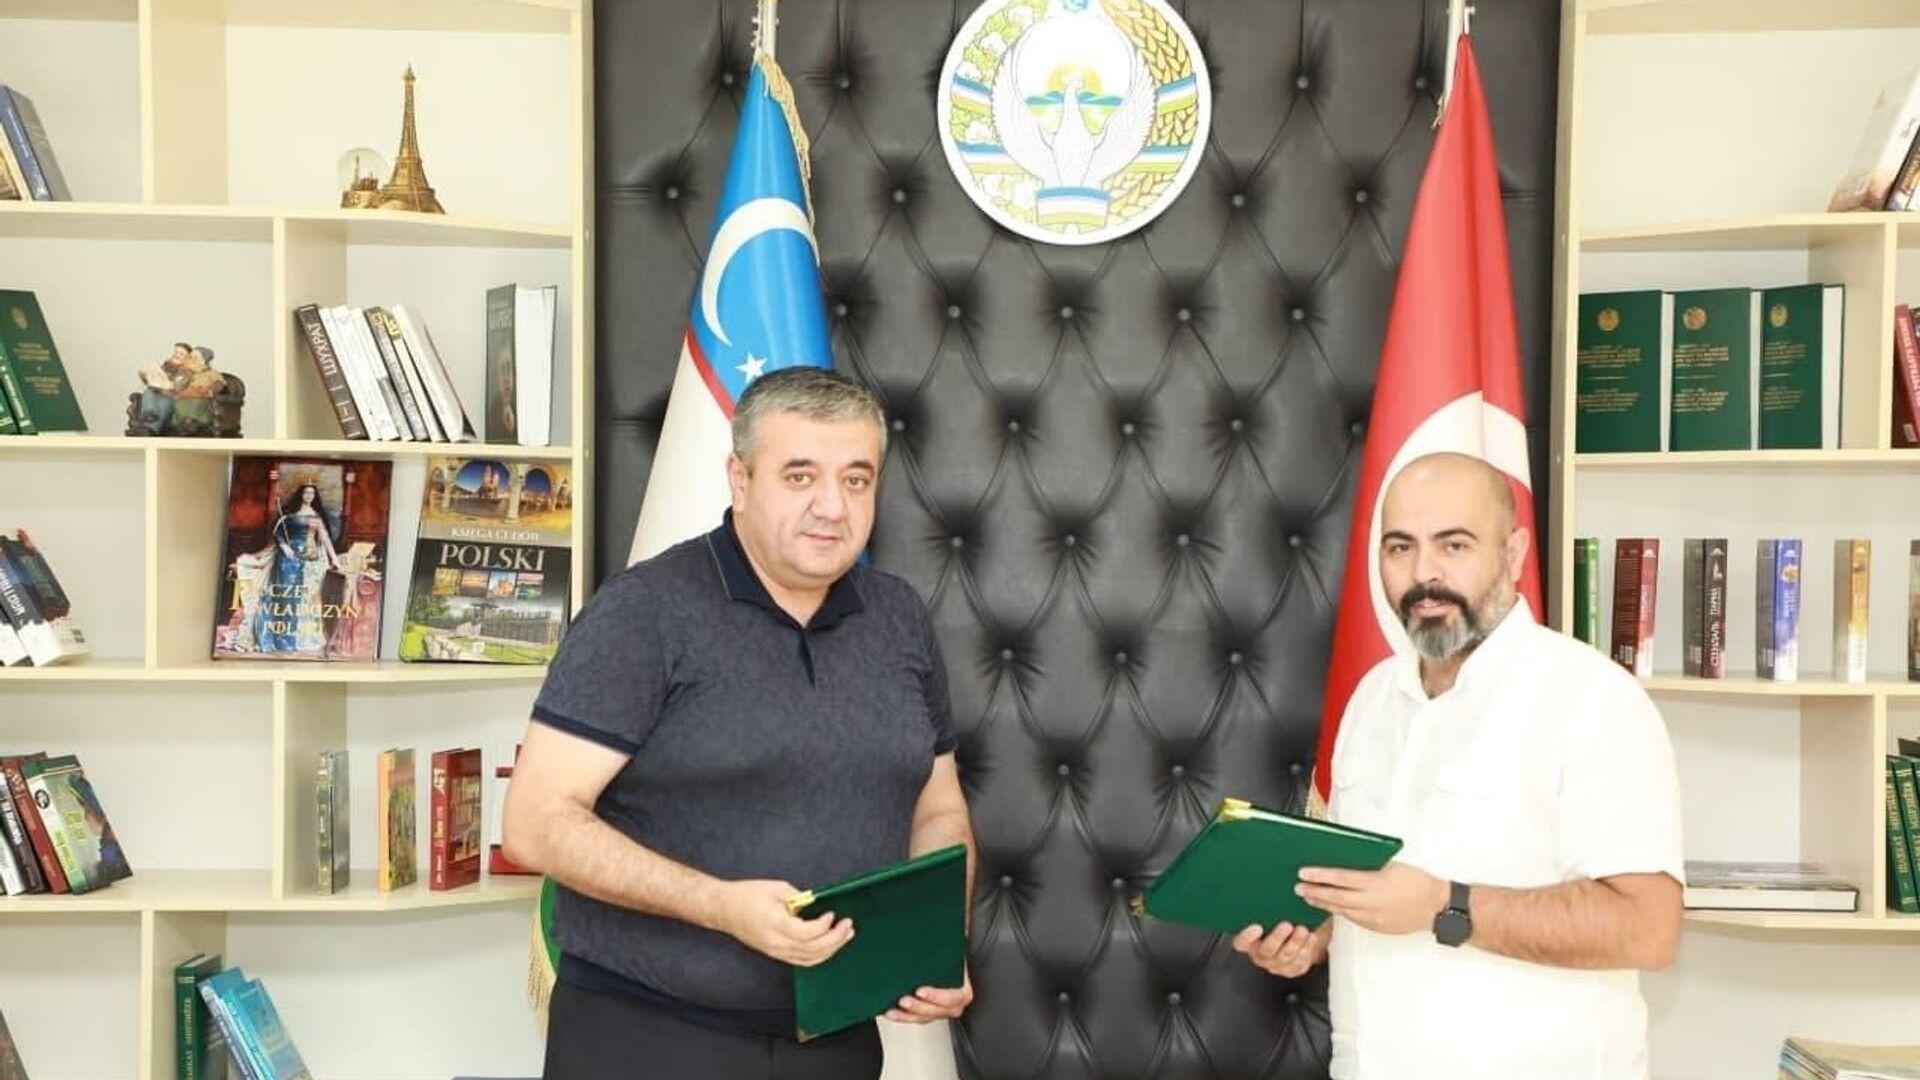 Агентство по вопросам внешней трудовой миграции подписало соглашение о сотрудничестве с компанией Turkpermit для временного трудоустройства узбекистанцев в Турции - Sputnik Узбекистан, 1920, 08.07.2021